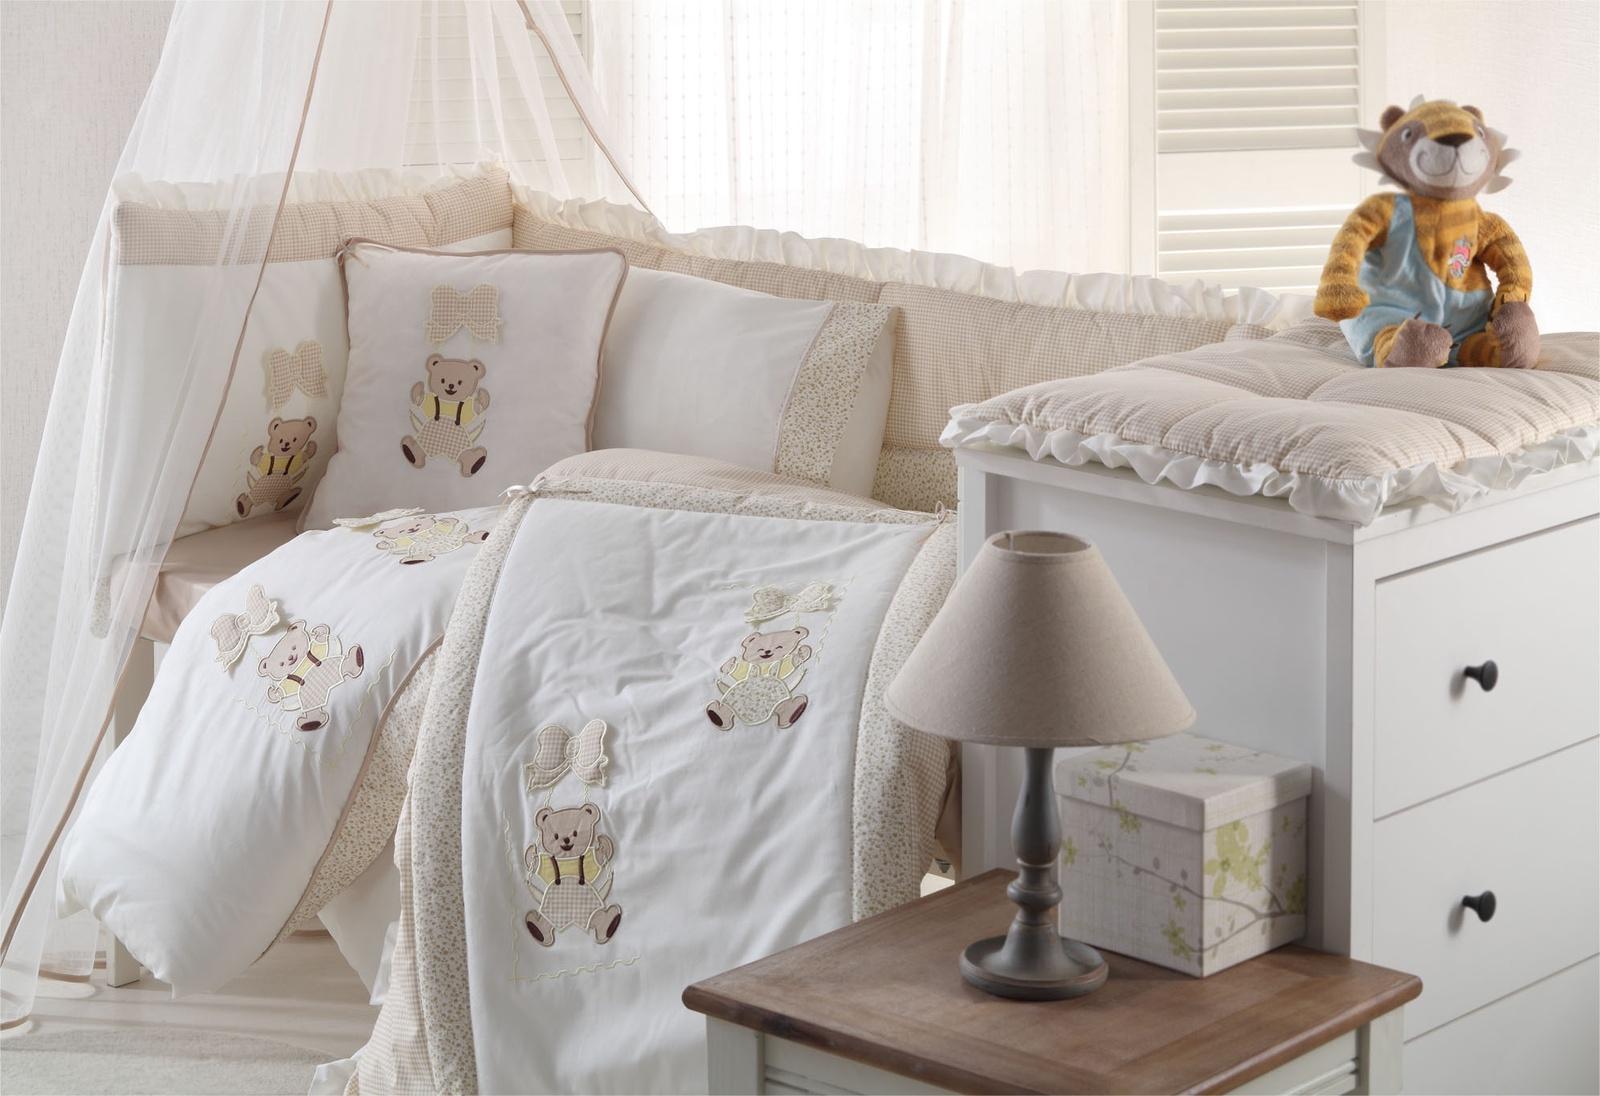 Комплект белья для новорожденных Gelin home BEBE, бежевый, бежевый, белый